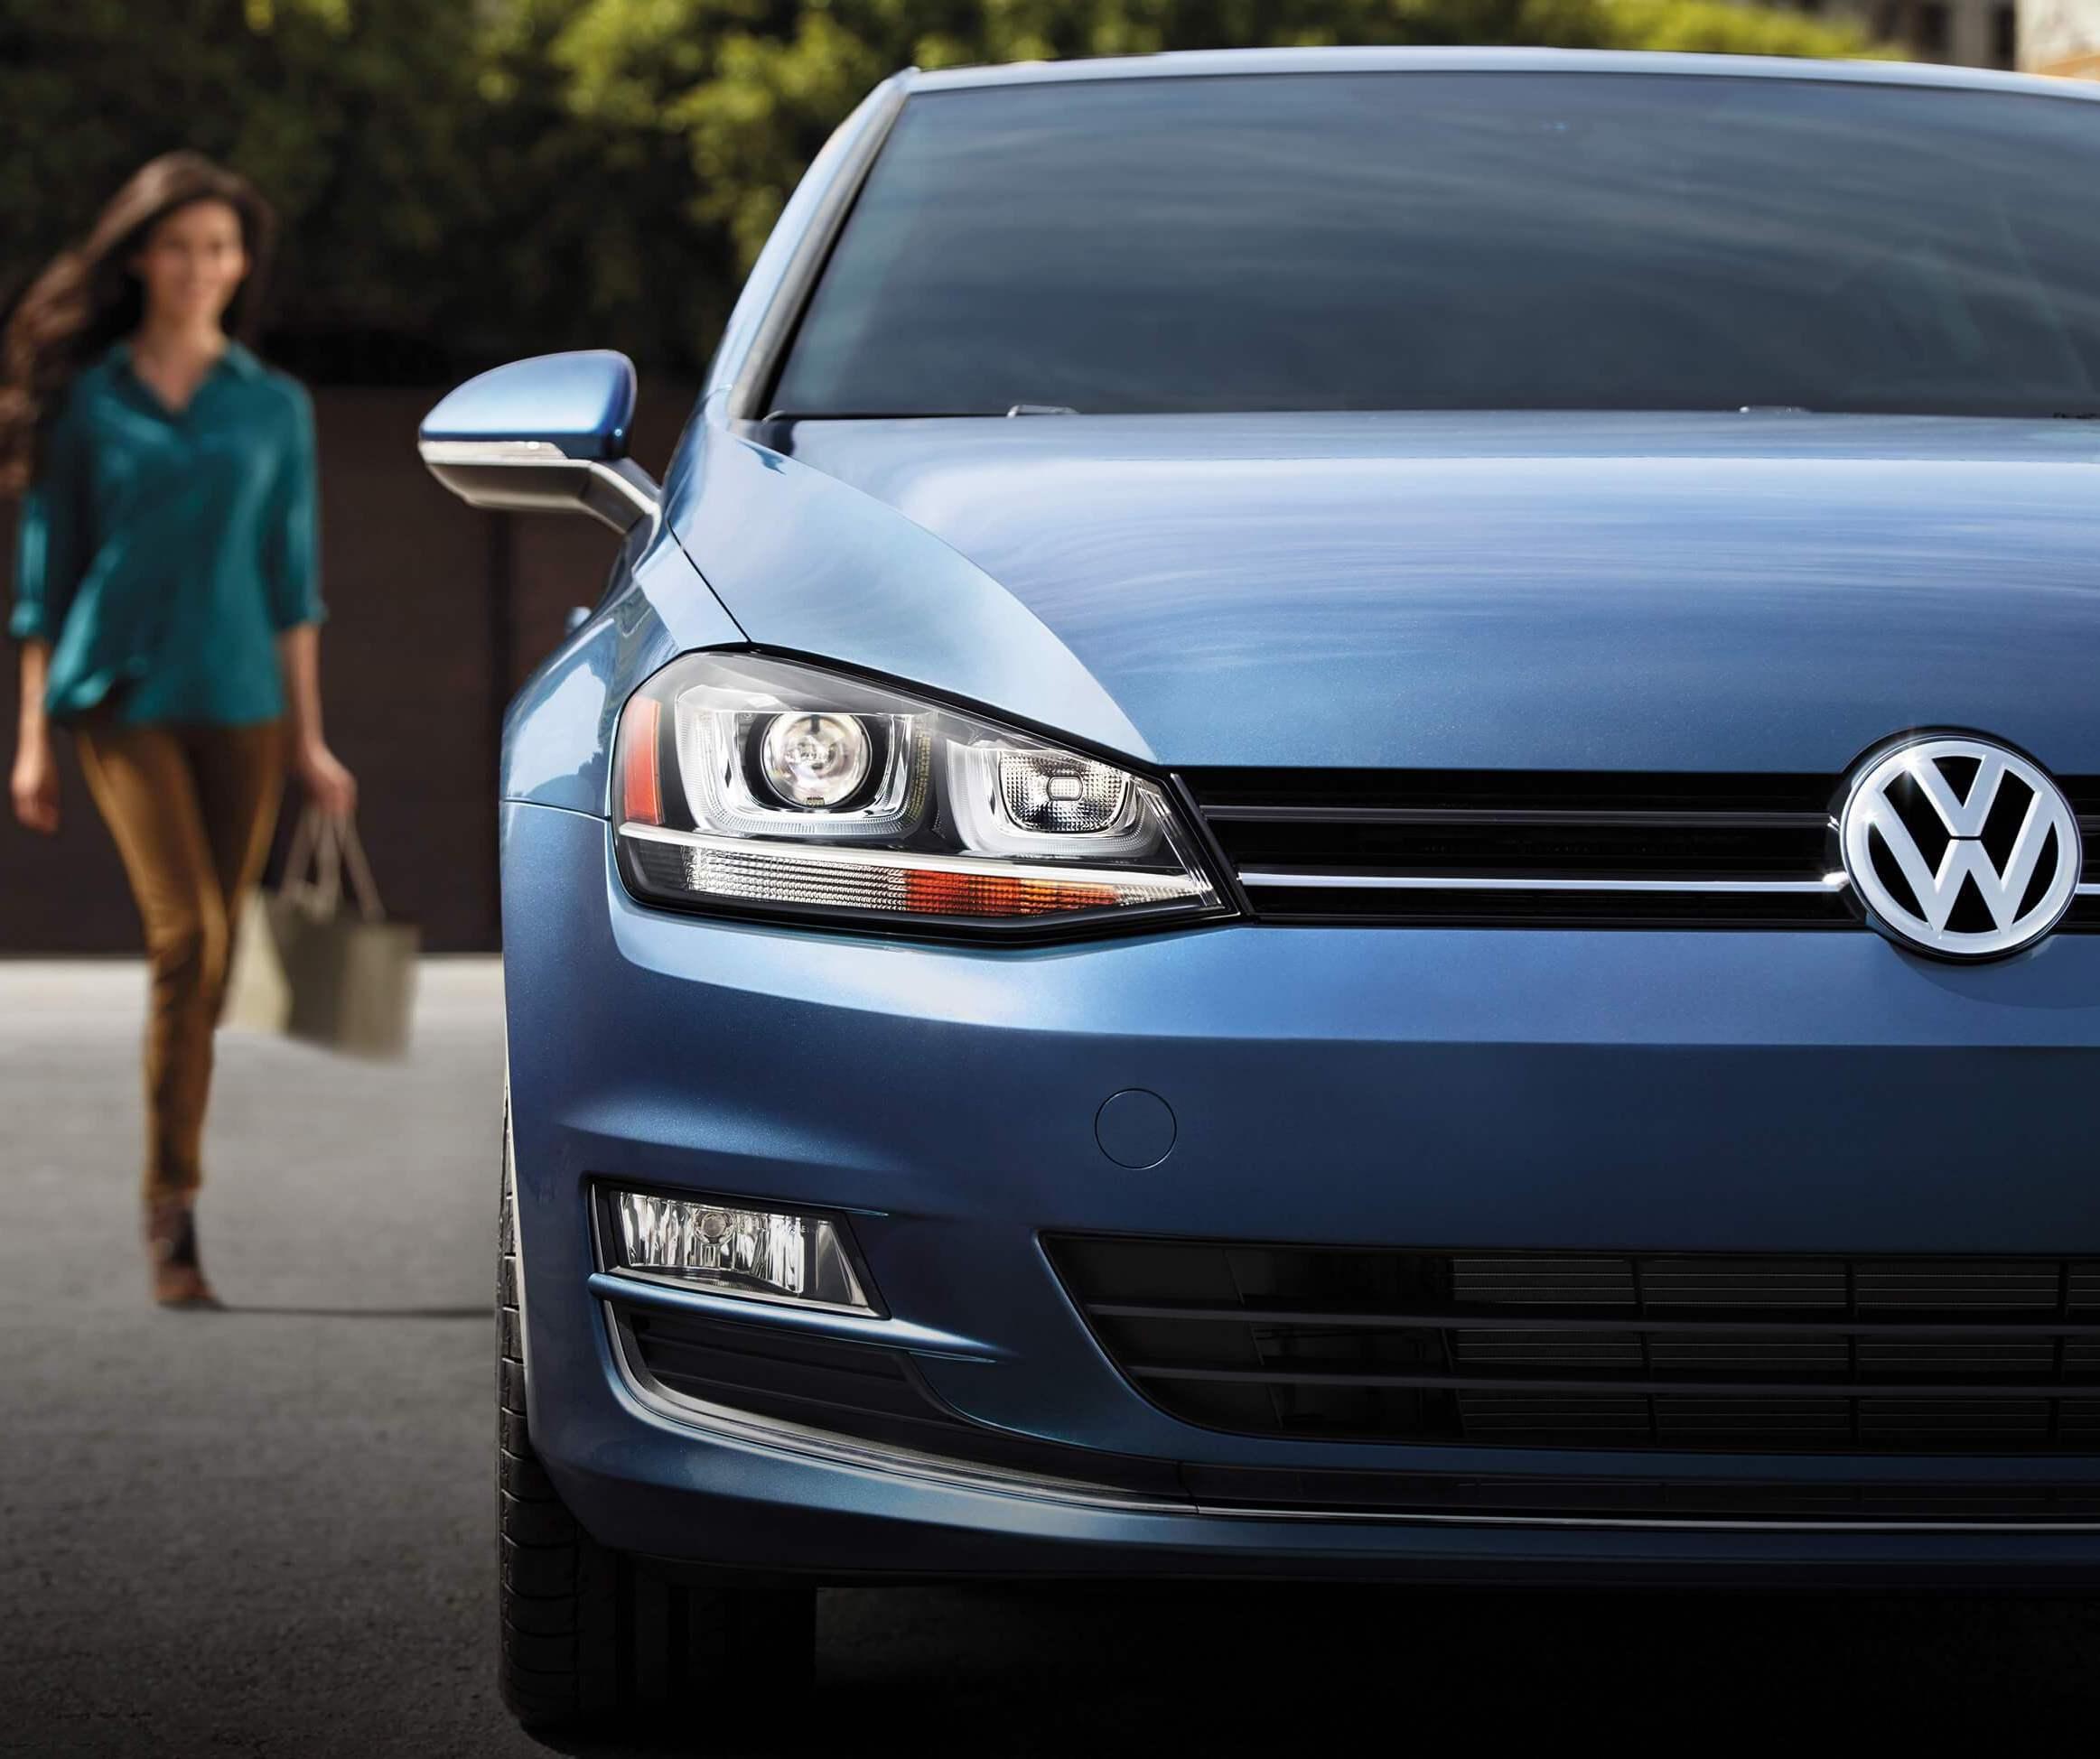 Volkswagen,автомобиль,авто,автомобили, Volkswagen могут разделить на четыре компании